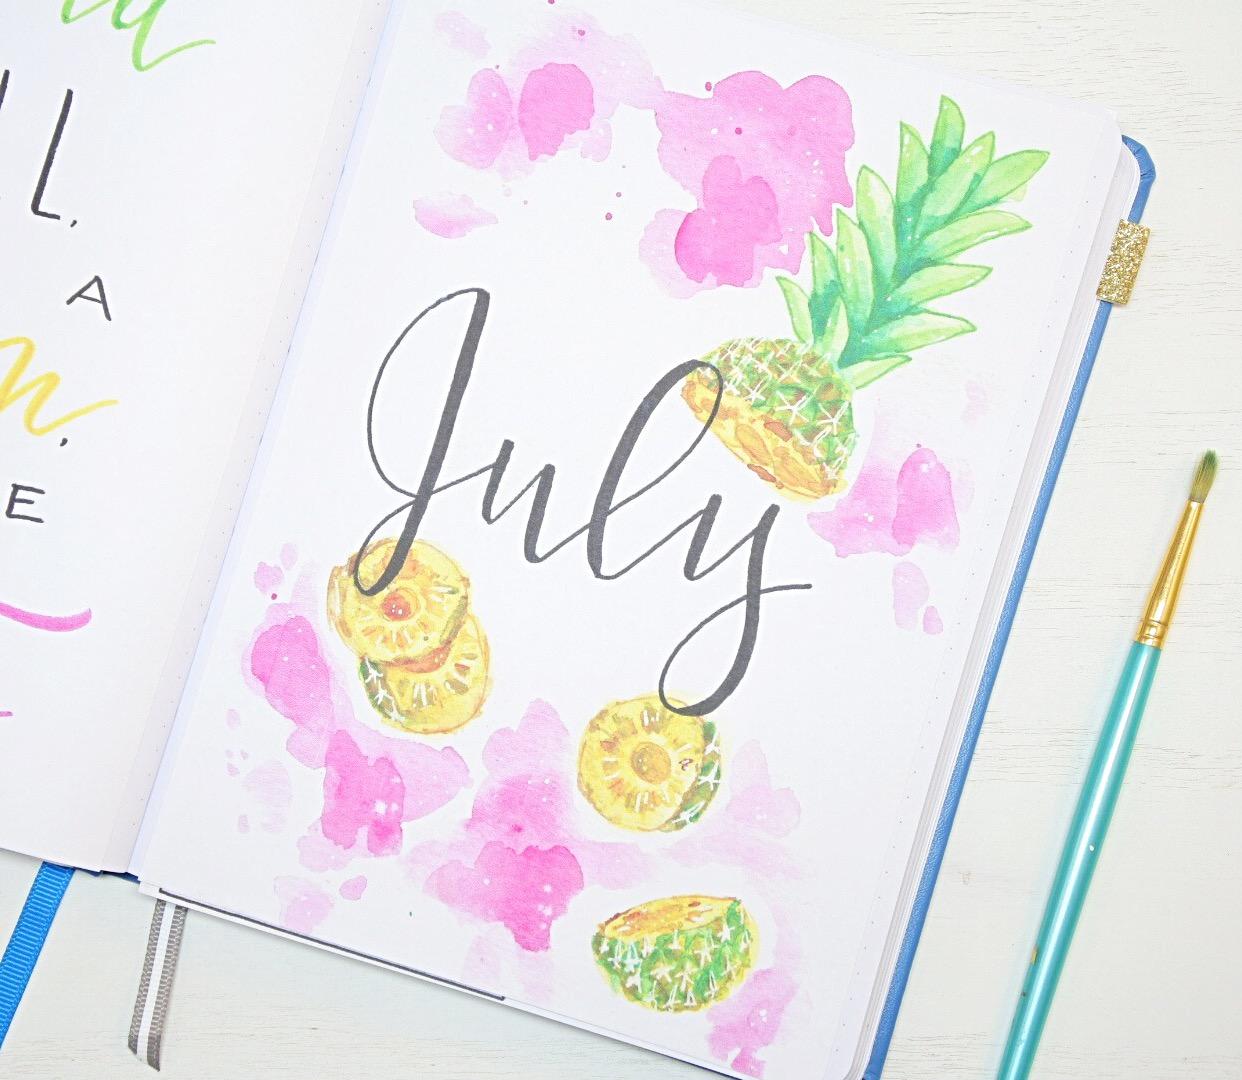 July Bullet Journal Setup 2020